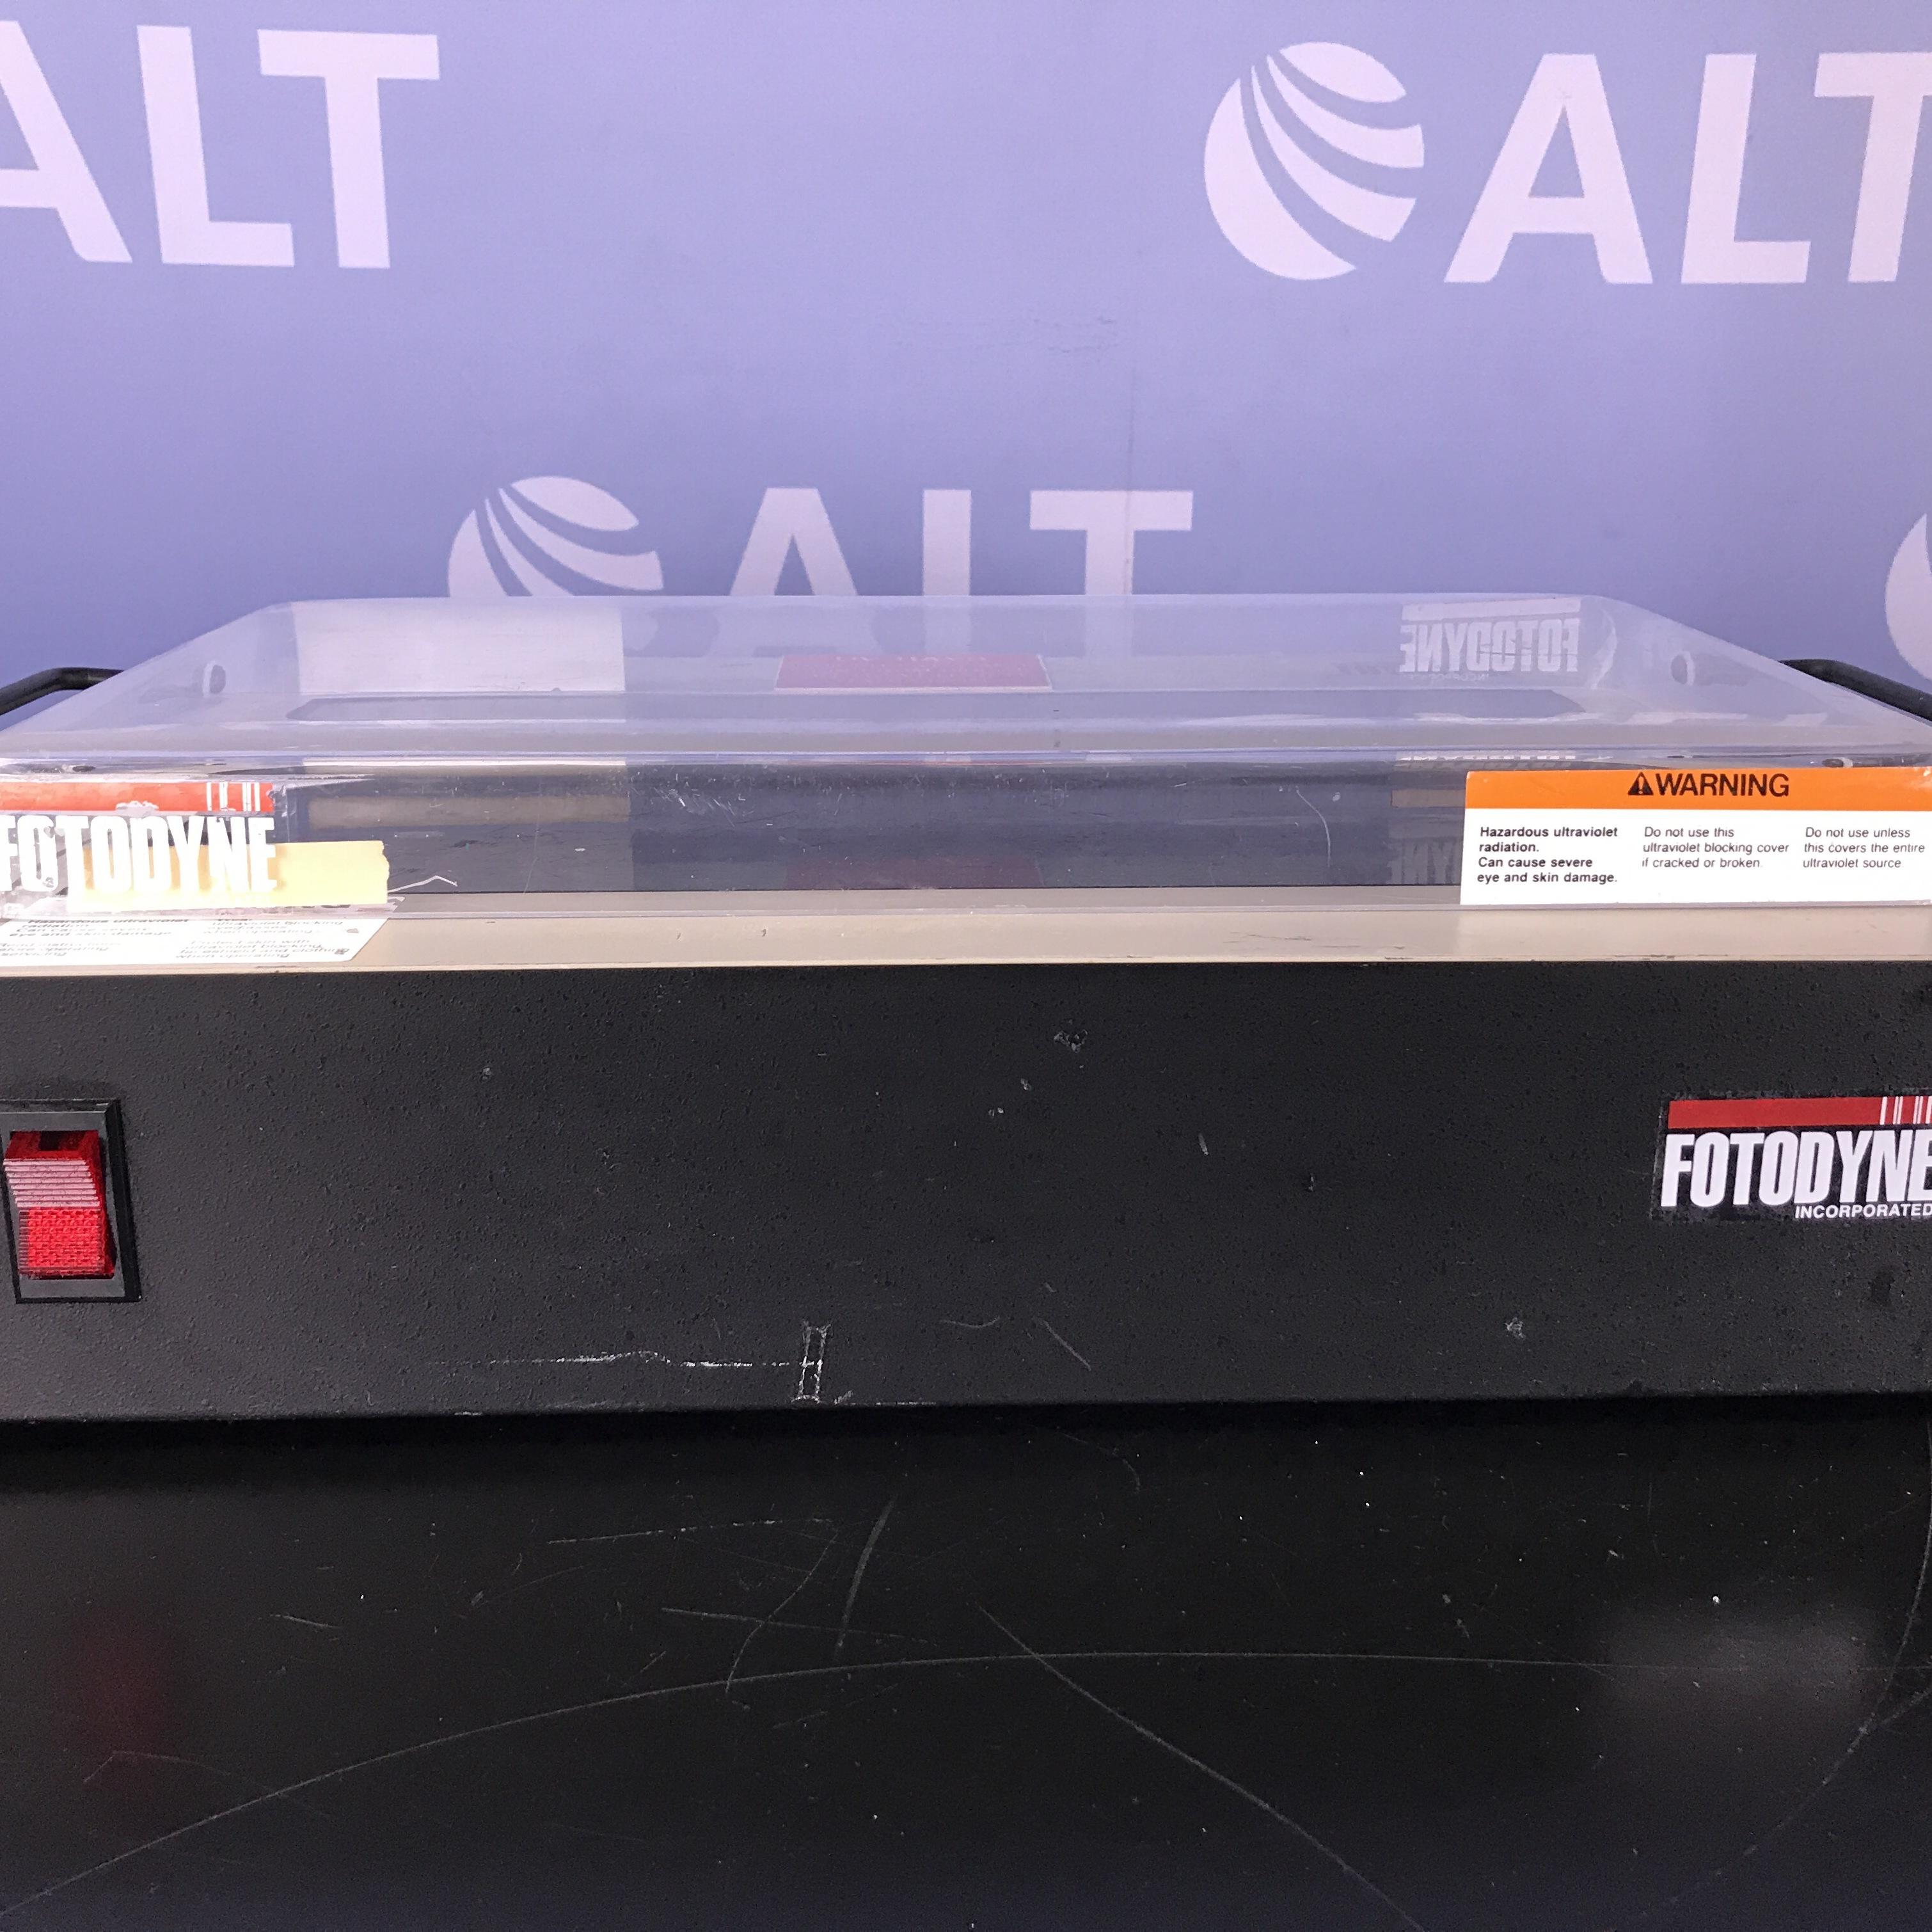 Fotodyne 3-3000 Electrophorese UV Transilluminator Image